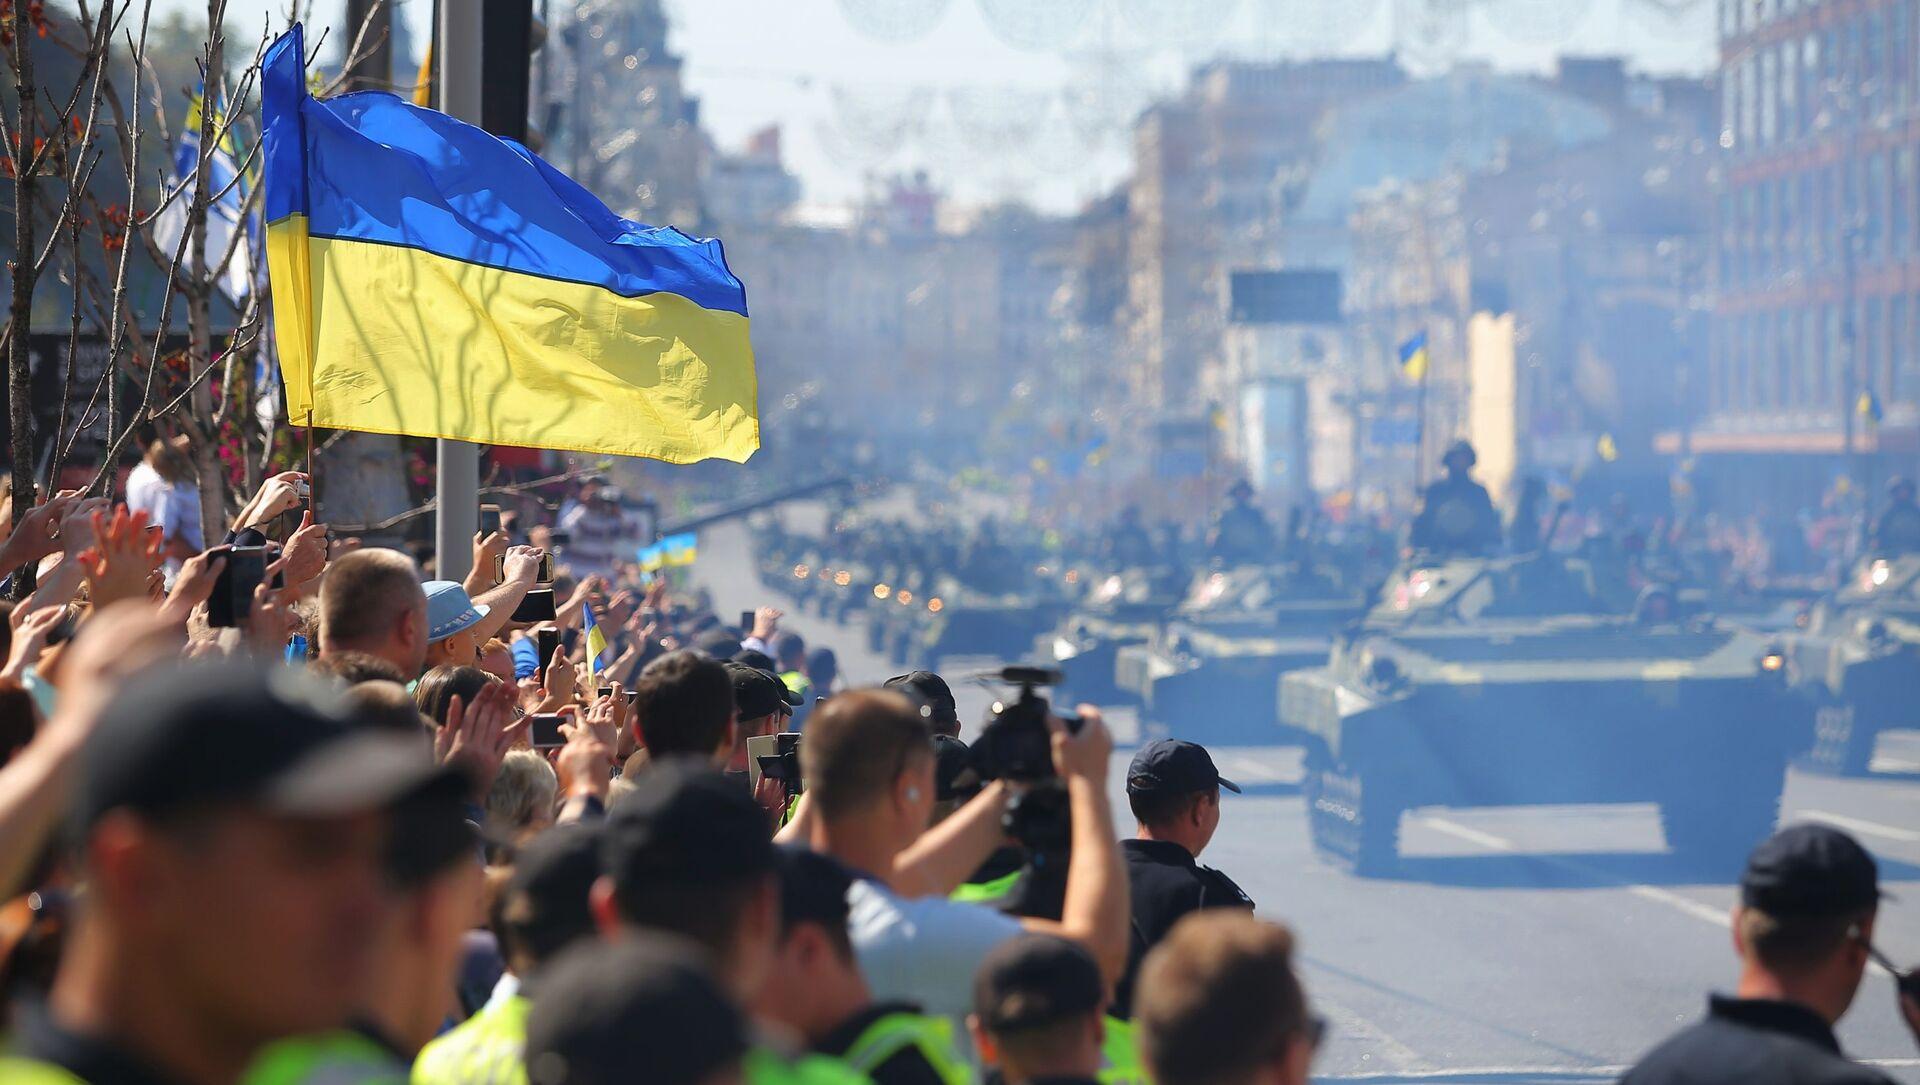 Defilada wojskowa w Kijowie z okazji Dnia Niezależności Ukrainy - Sputnik Polska, 1920, 20.05.2021